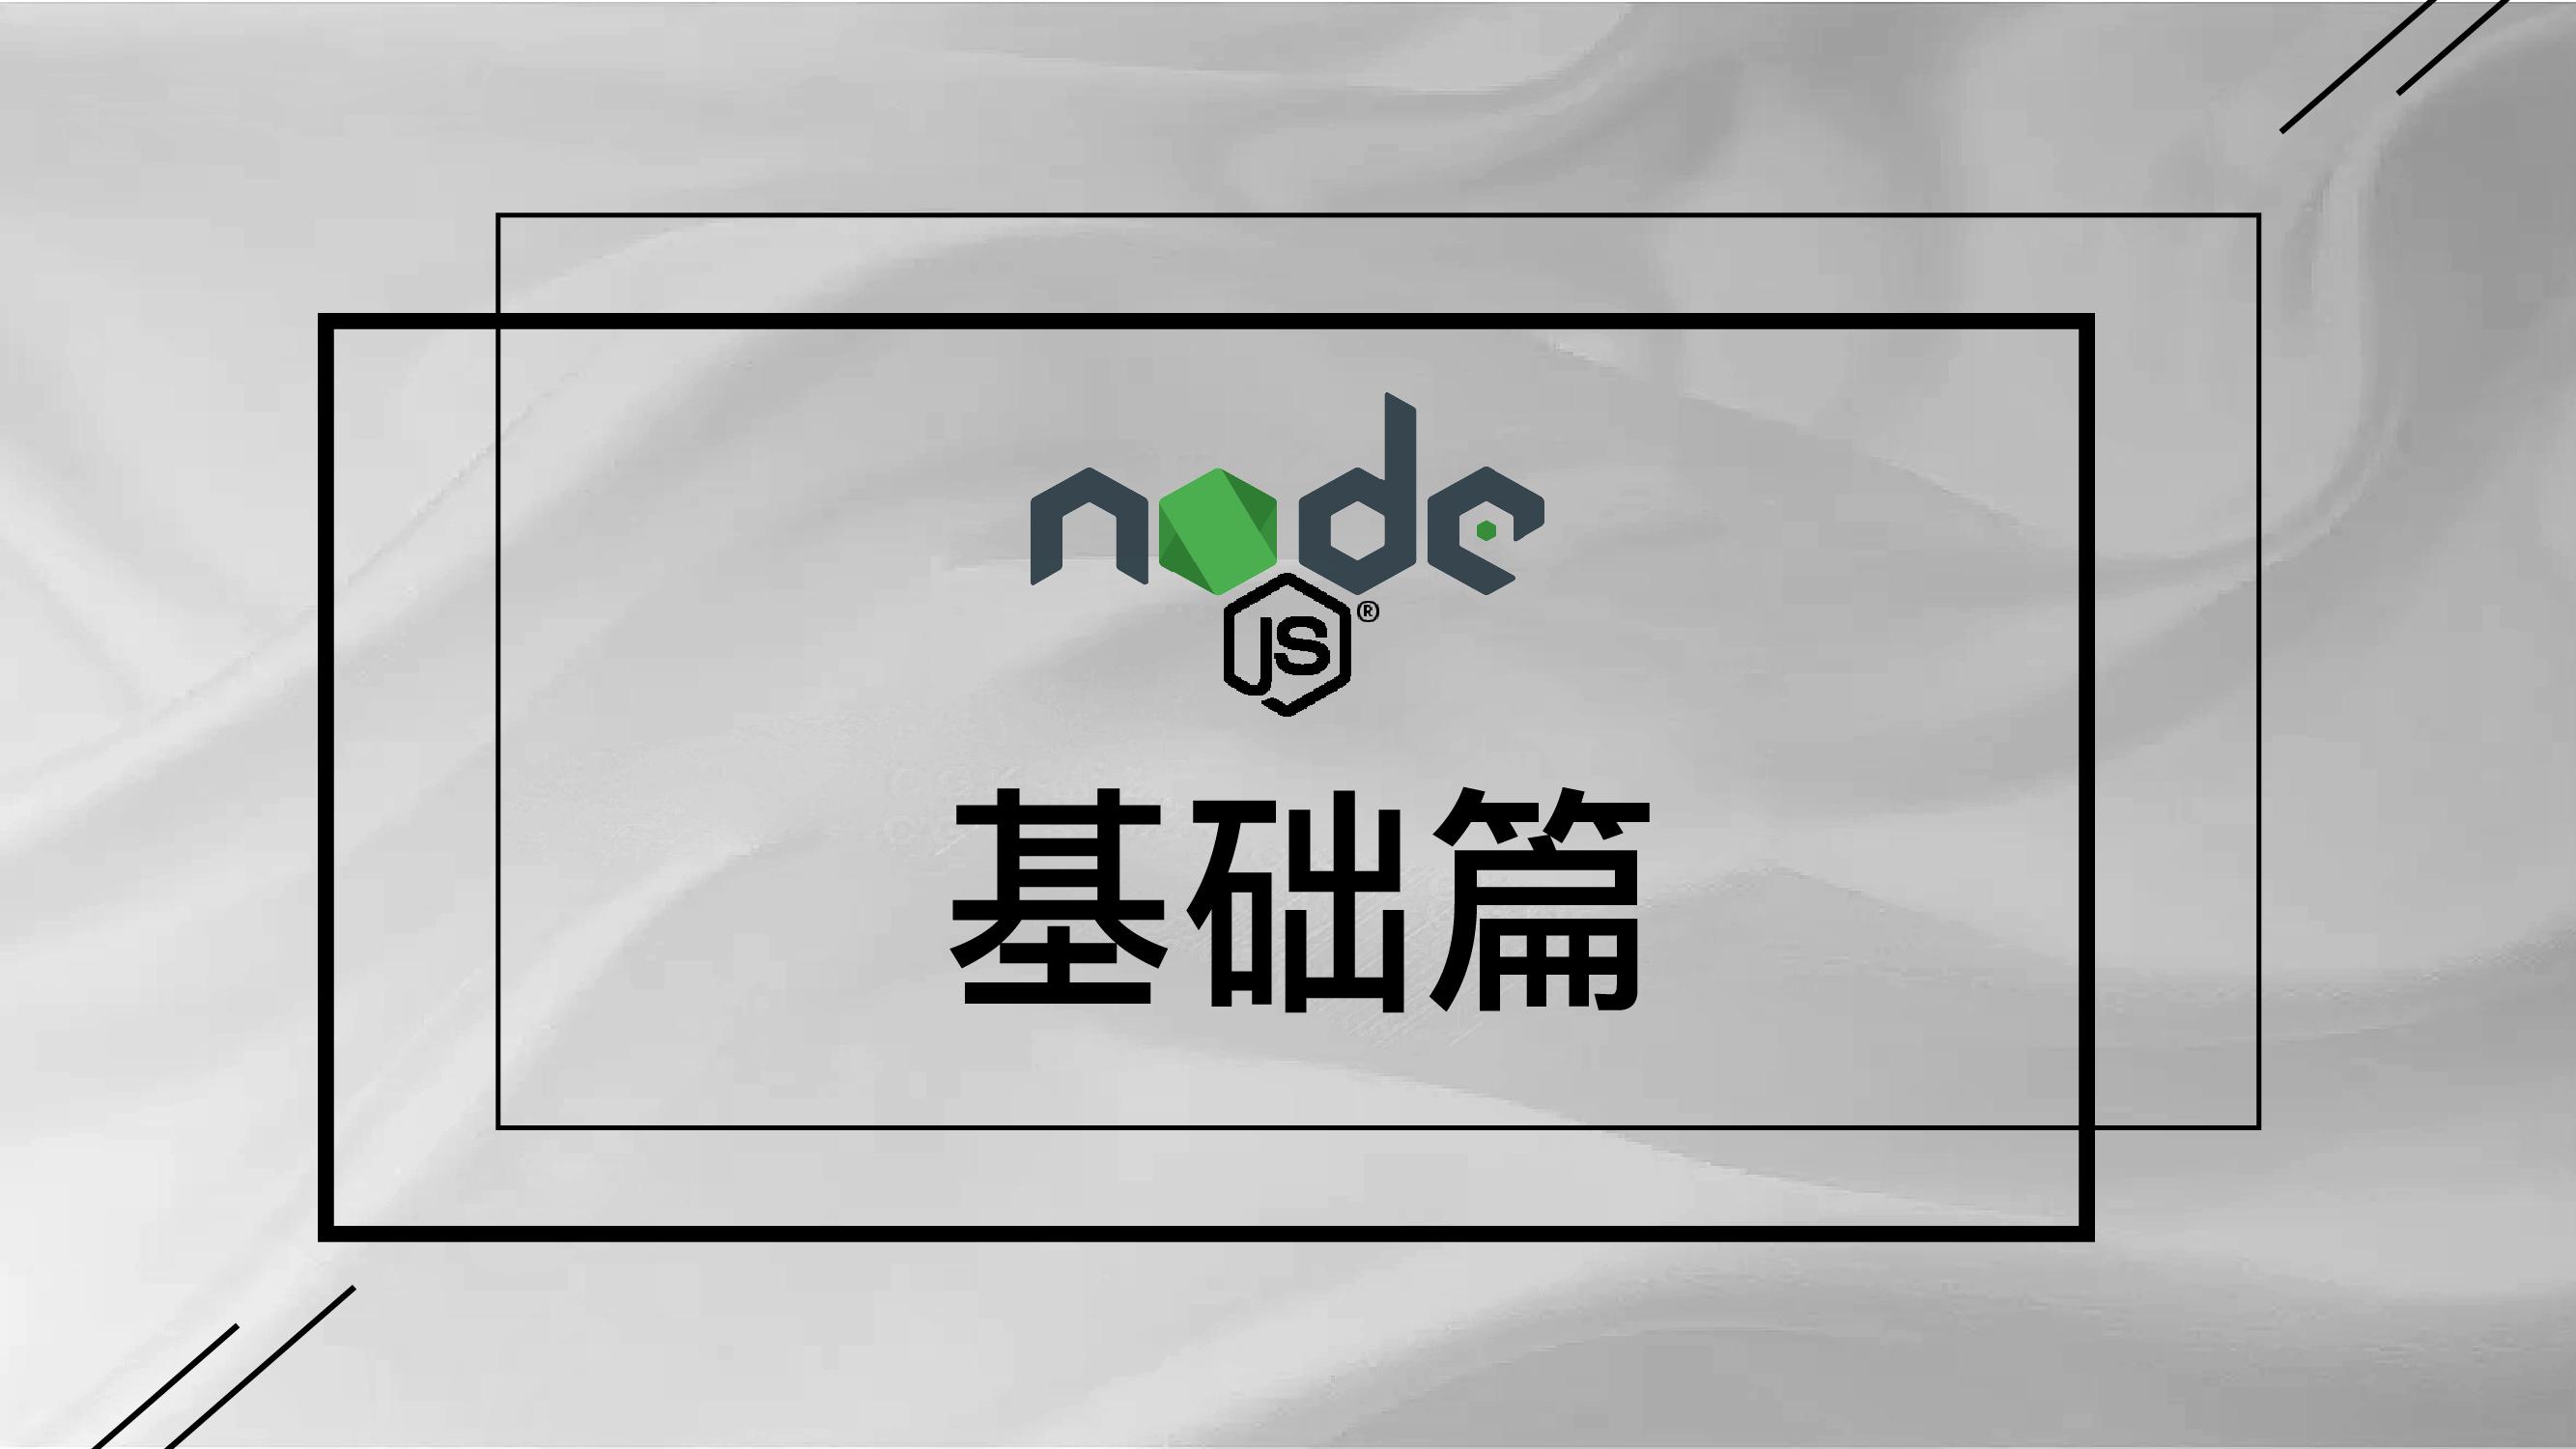 轻松学 nodejs - 基础篇